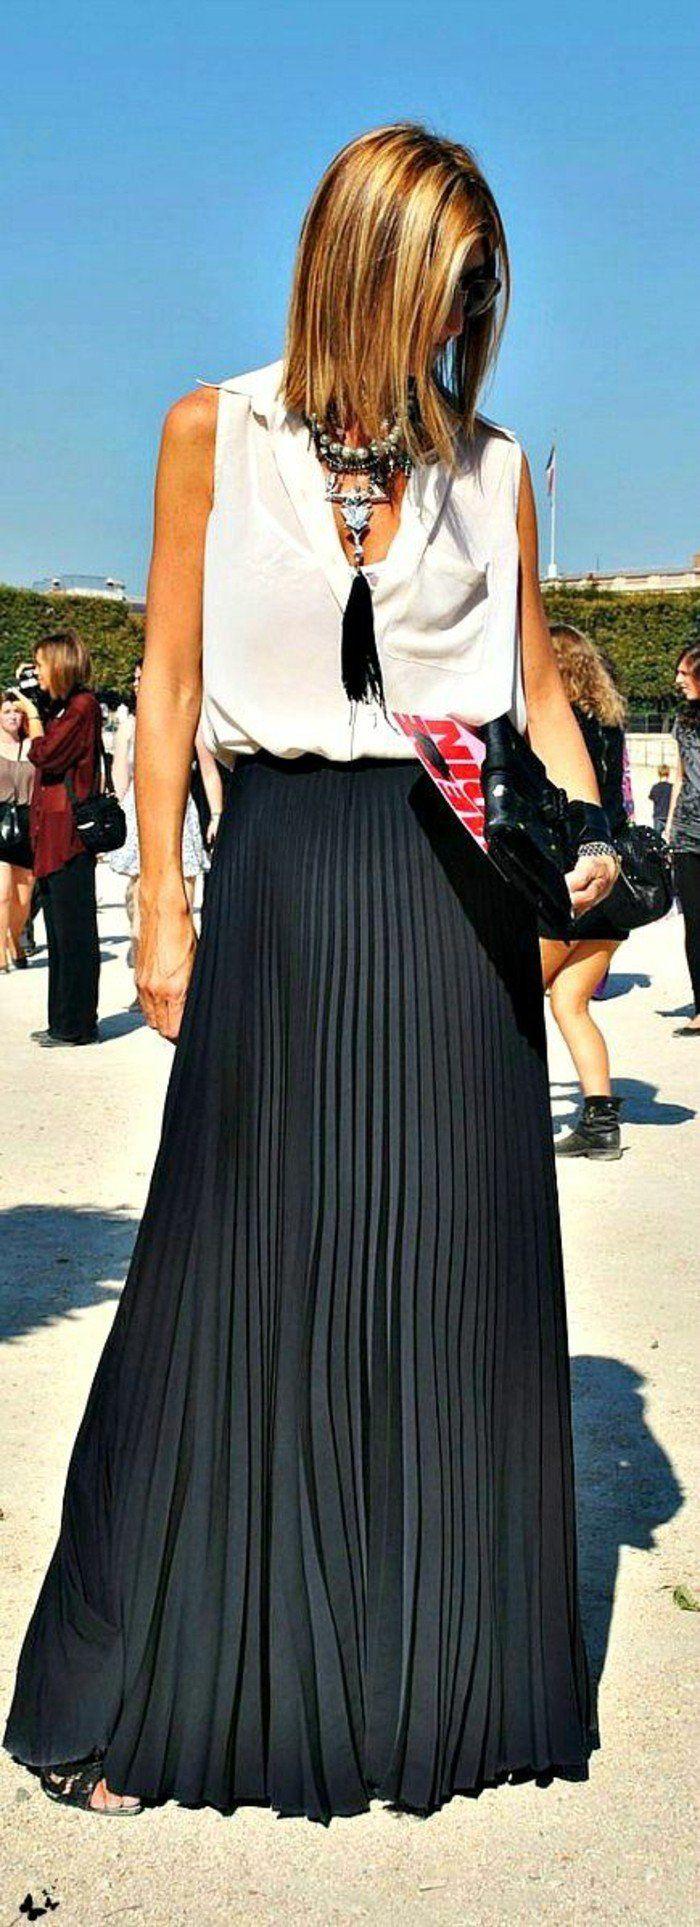 jupe longue plissée noire femme avec top blanc